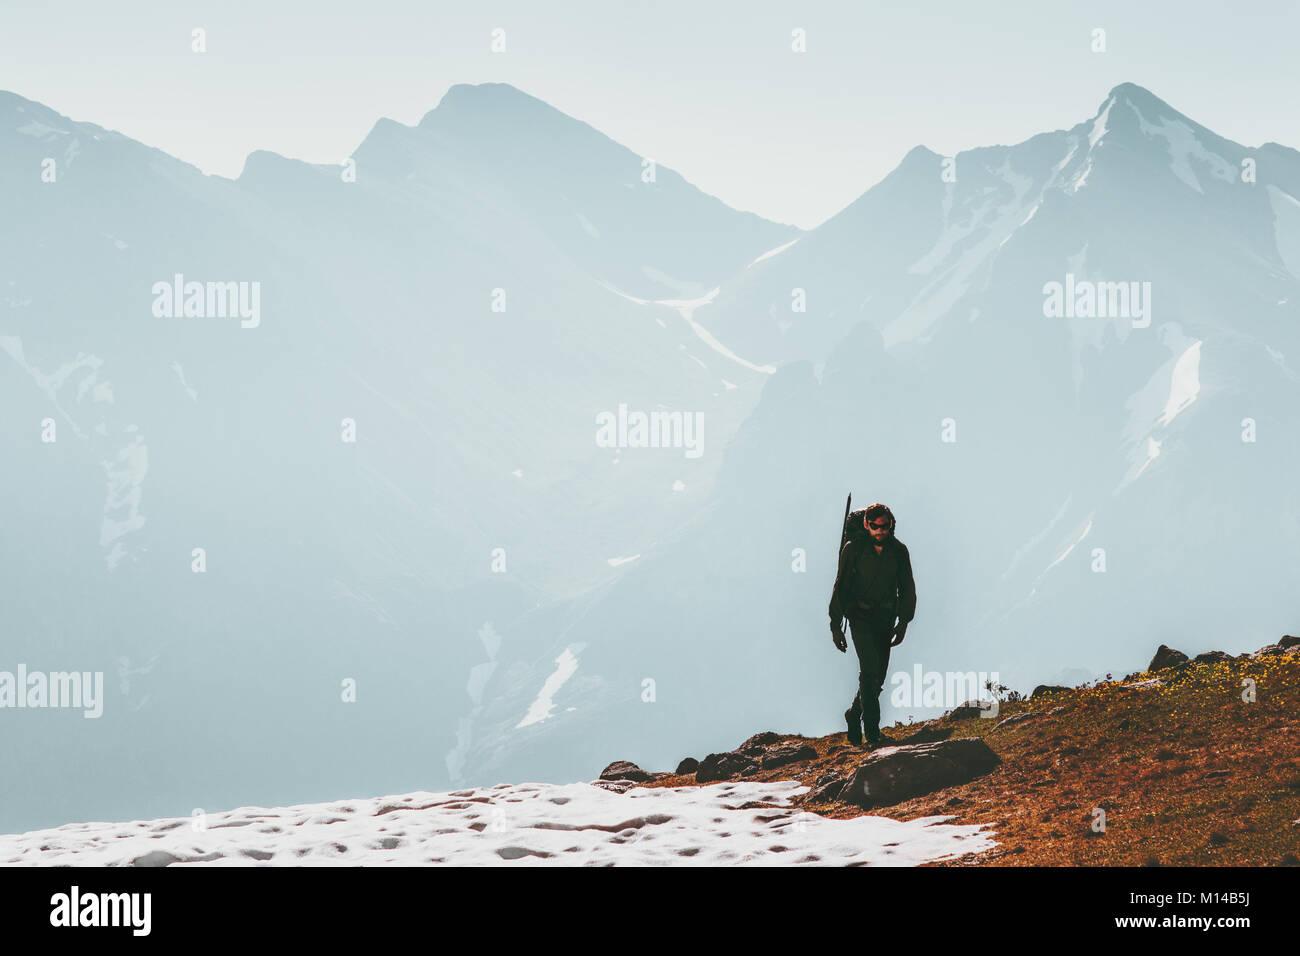 Aktiver Mann wandern allein in Berge Lifestyle Reisen überleben Konzept Abenteuer Outdoor Aktiv Ferien klettern Stockbild